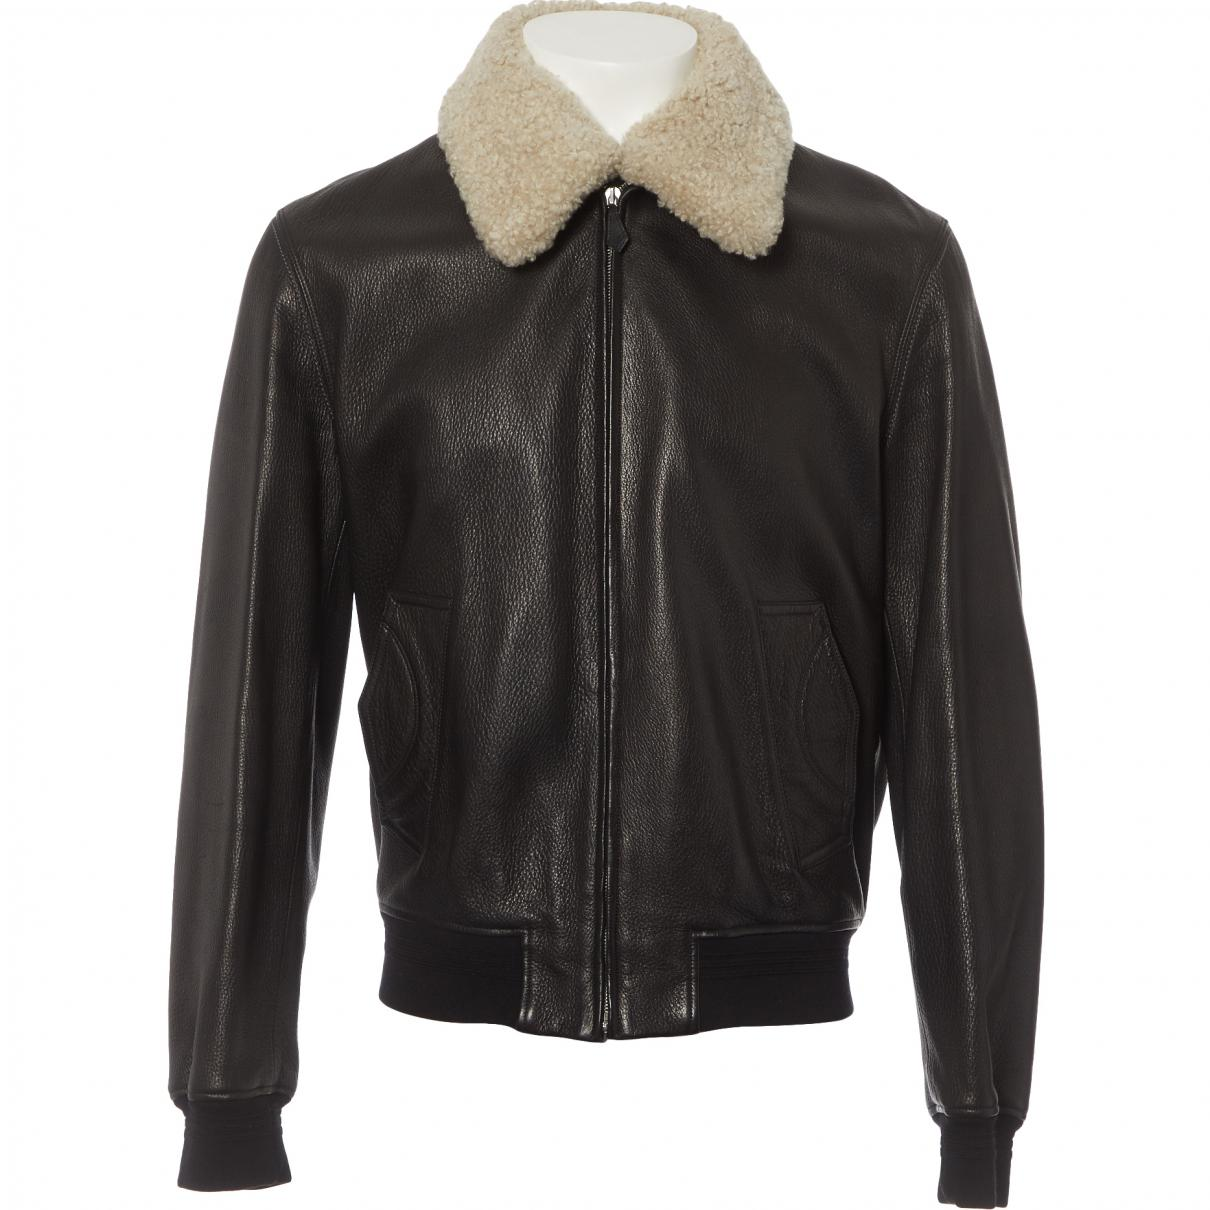 Lyst - Blouson en cuir Hermès pour homme en coloris Marron f6998ed435c